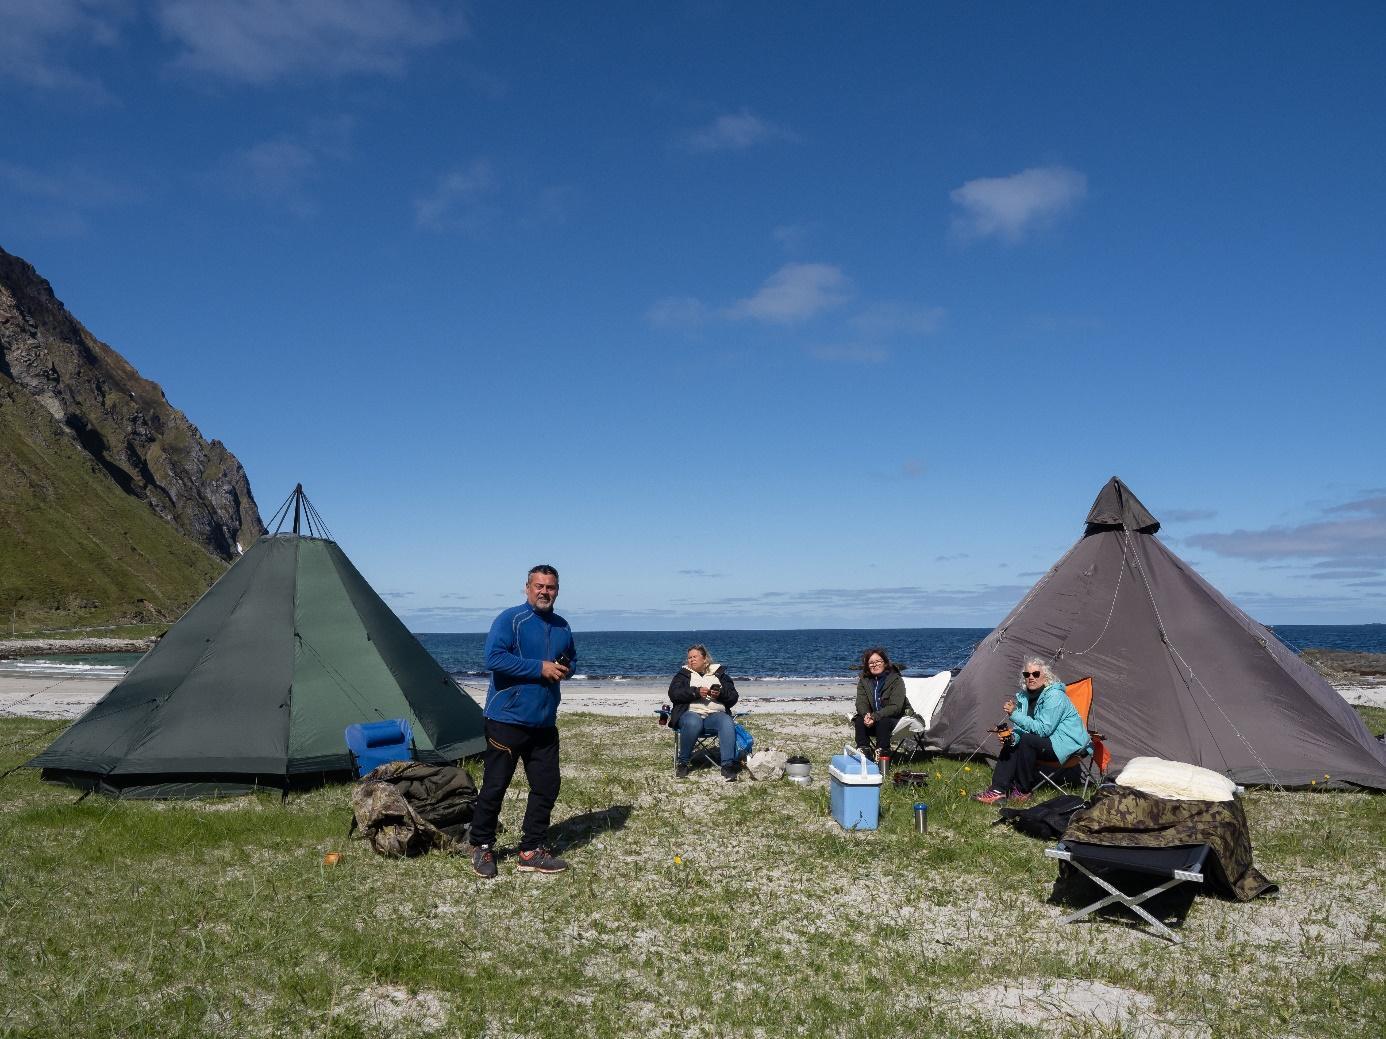 Et bilde som inneholder gress, utendørs, telt, felt  Automatisk generert beskrivelse